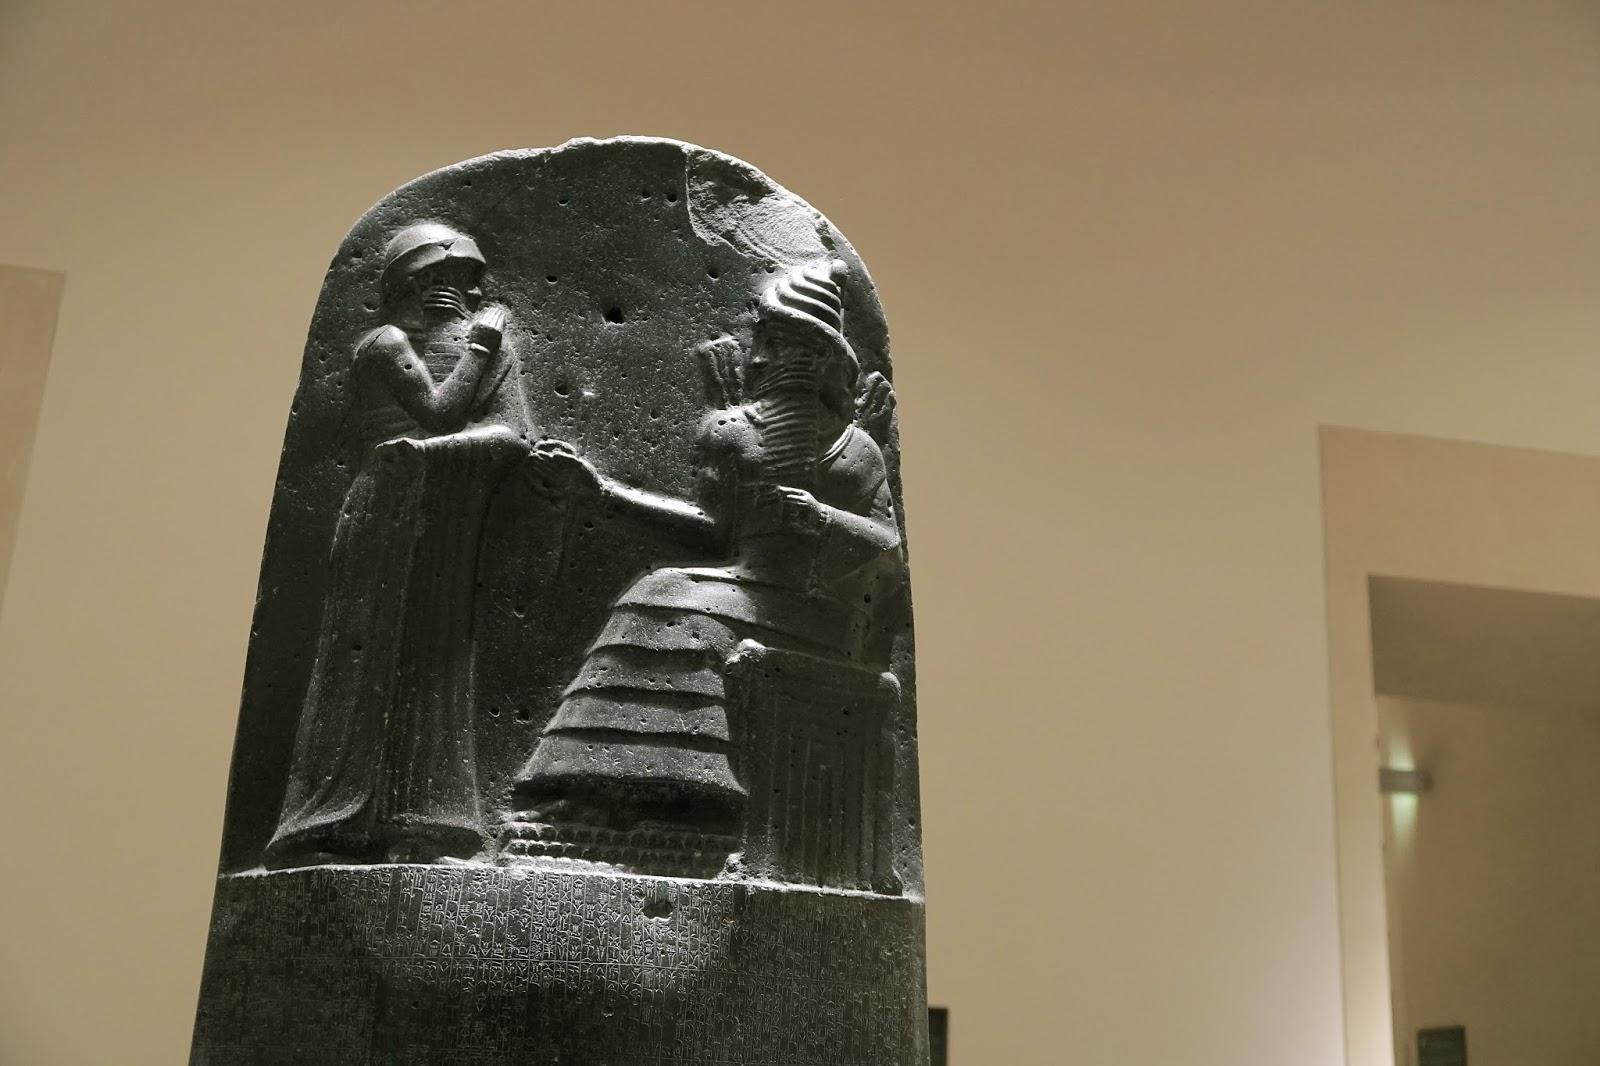 「バビロニア王ハムラビ法典」(Code de Hammurabi)